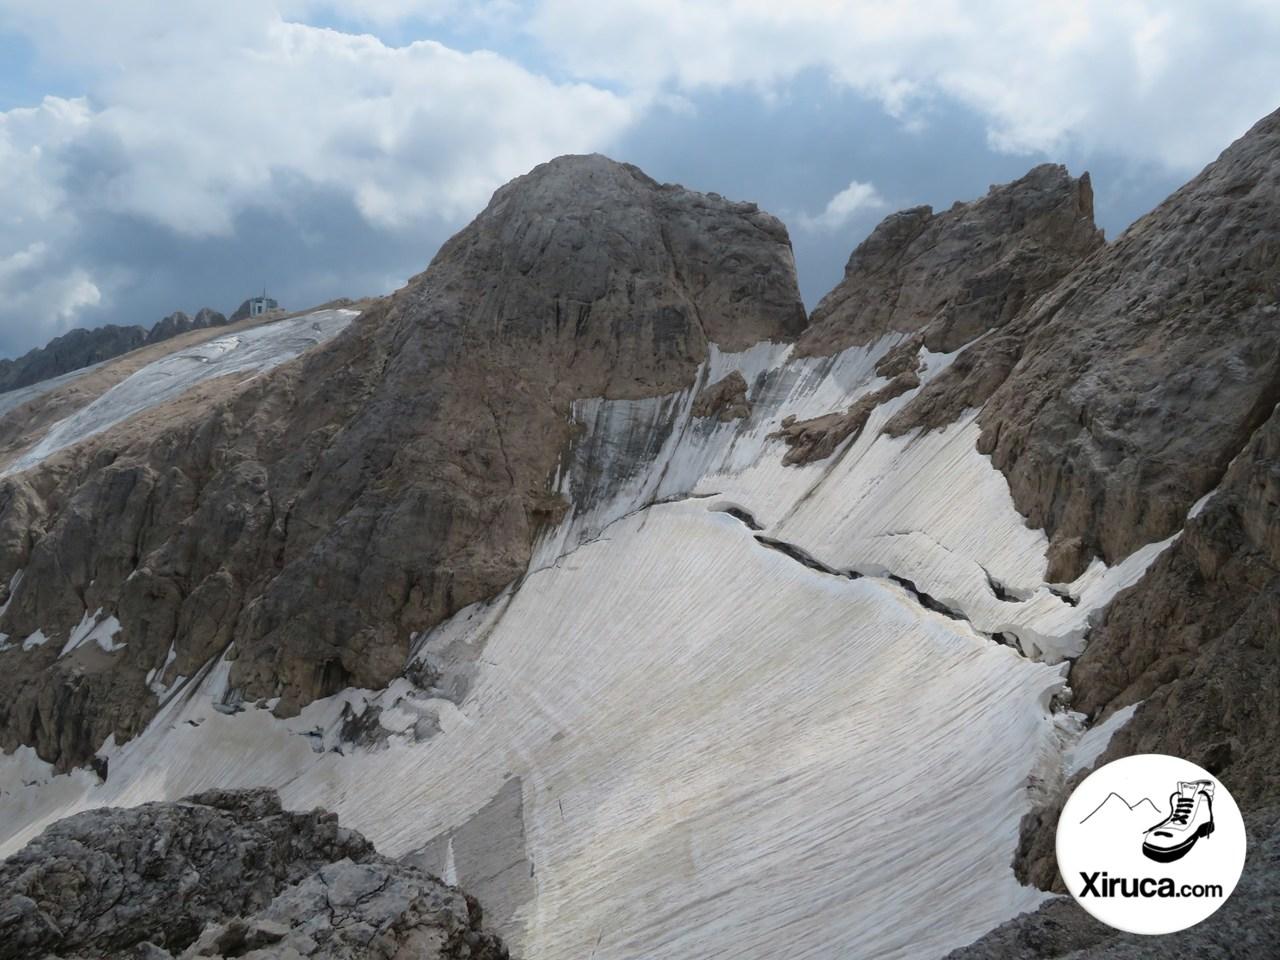 Punta Rocca y parte superior del Glaciar de la Marmolada